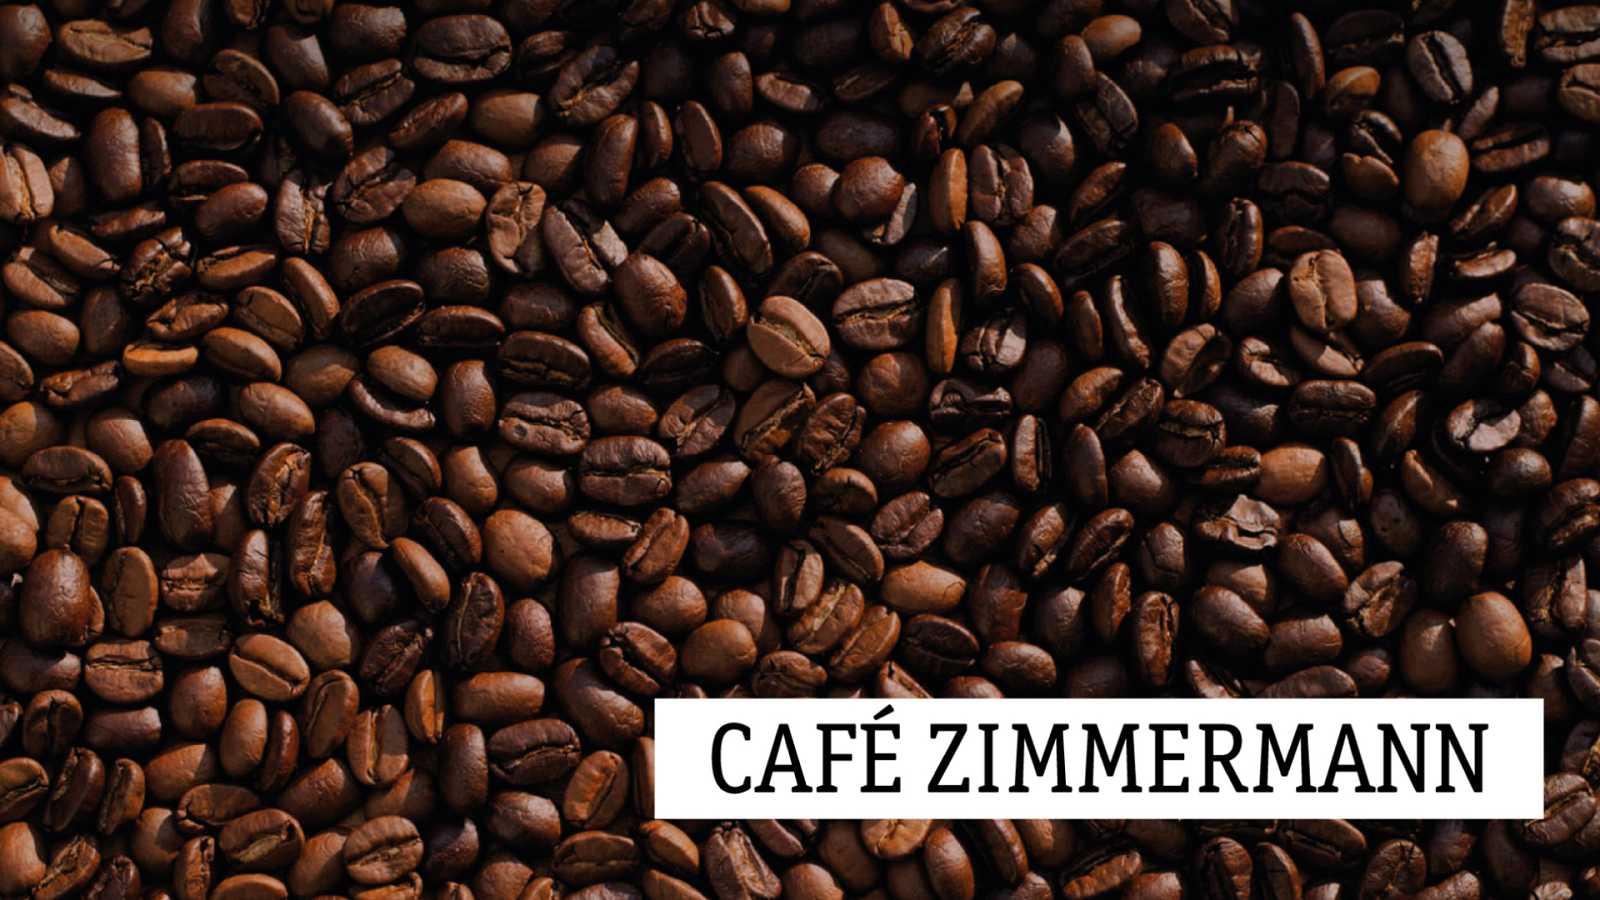 Café Zimmermann - Un tesoro inesperado - 19/01/21 - escuchar ahora